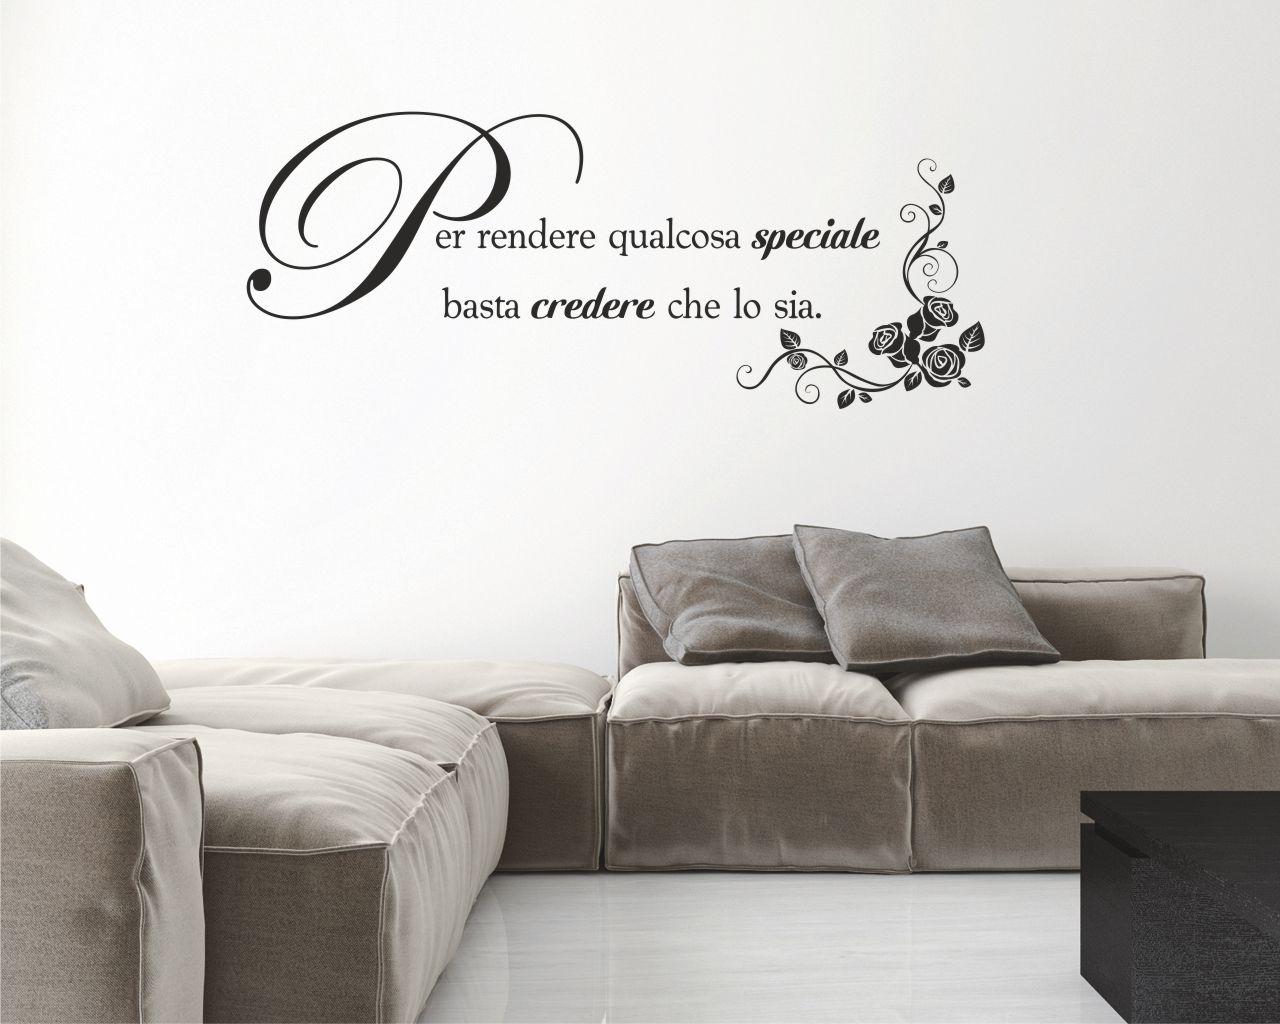 Qualcosa di speciale frasi aforismi citazioni adesivo murale interni decori adesivi - Camera da letto decorazioni murali ...